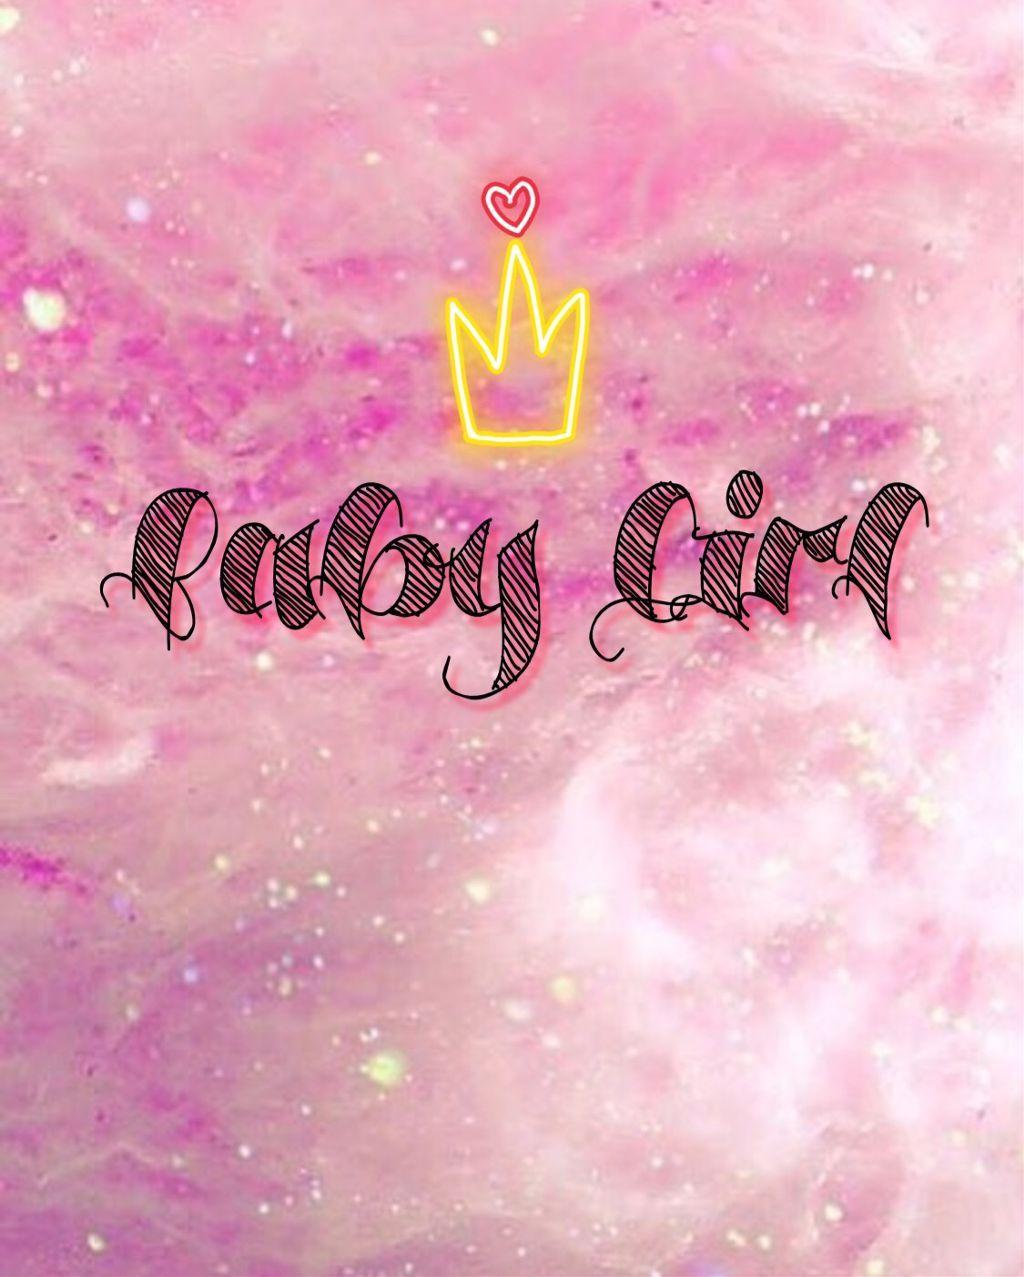 Queen Girly Wallpapers   Top Queen Girly Backgrounds 1024x1277